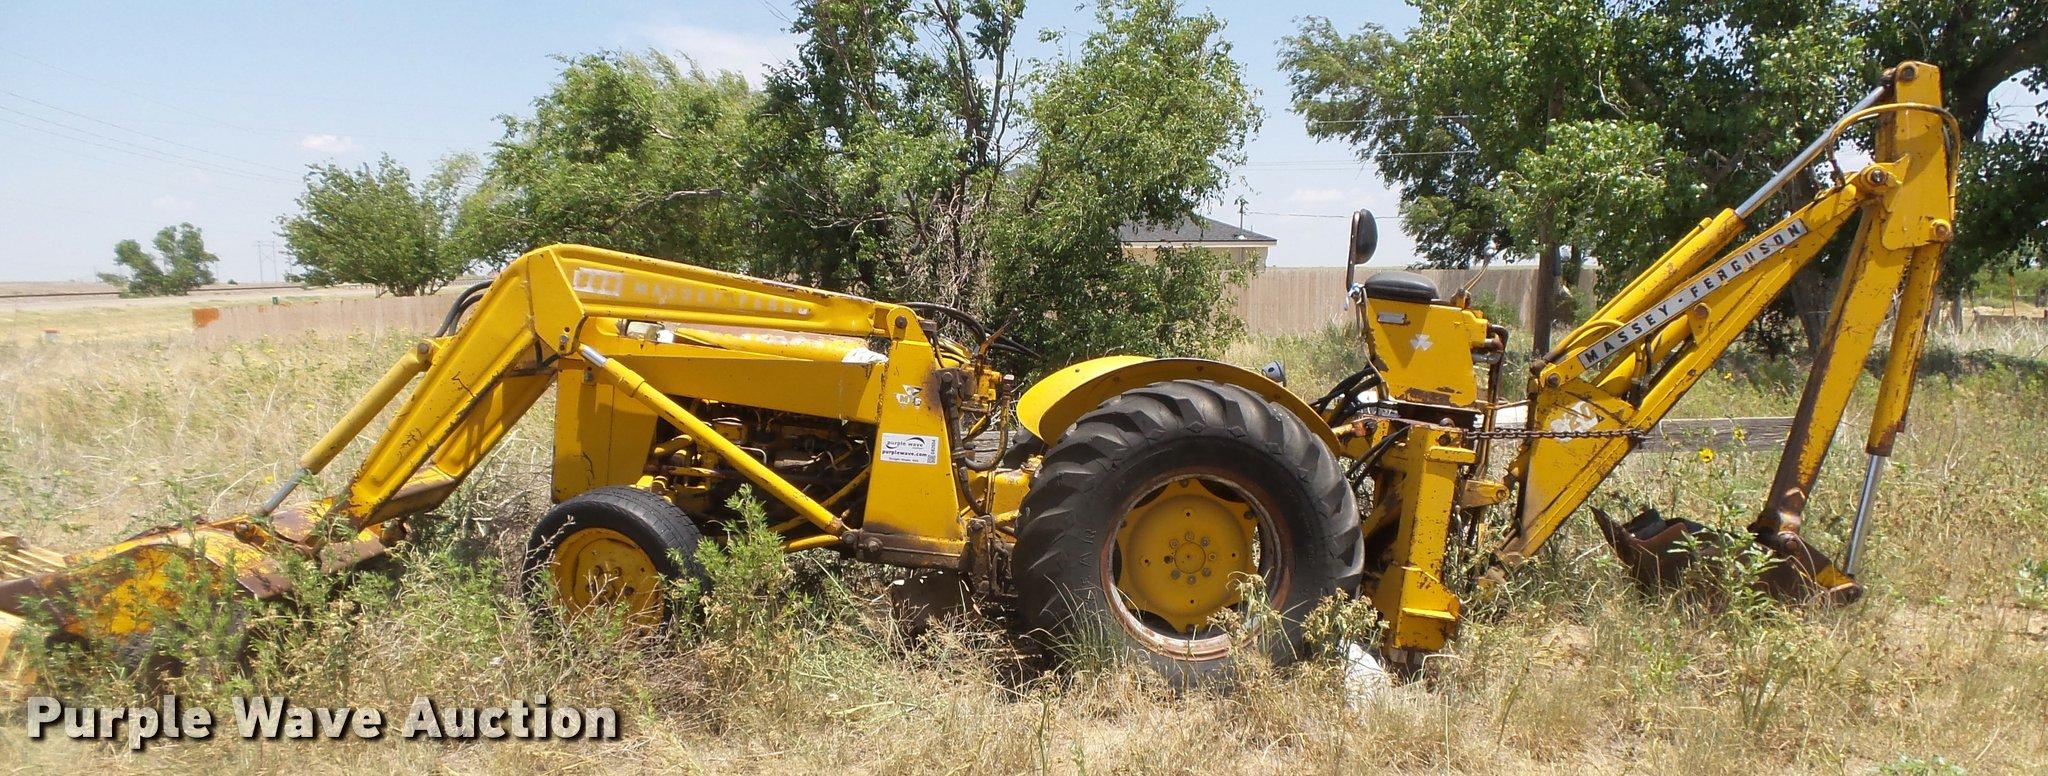 mf 202 loader